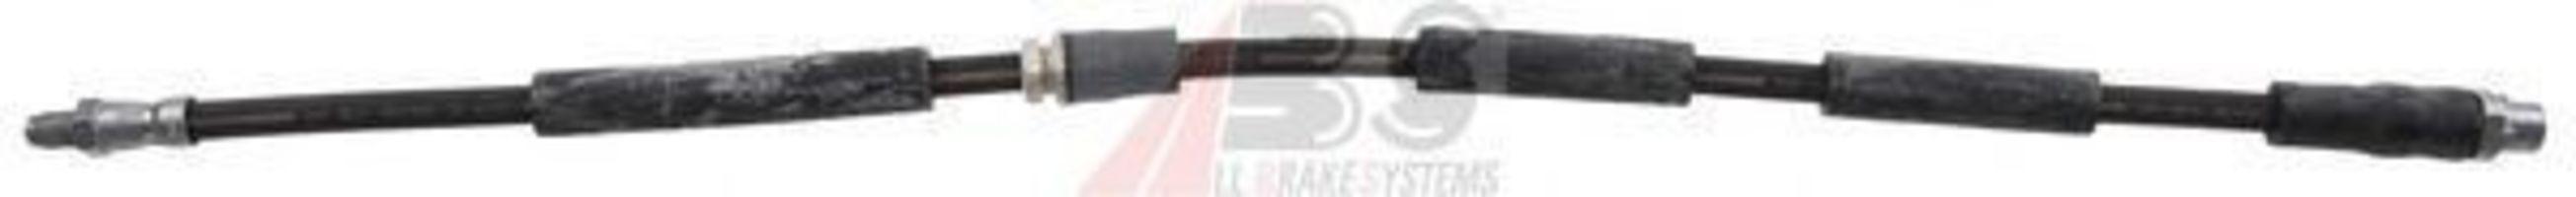 Шланг тормозной A.B.S. SL 6044